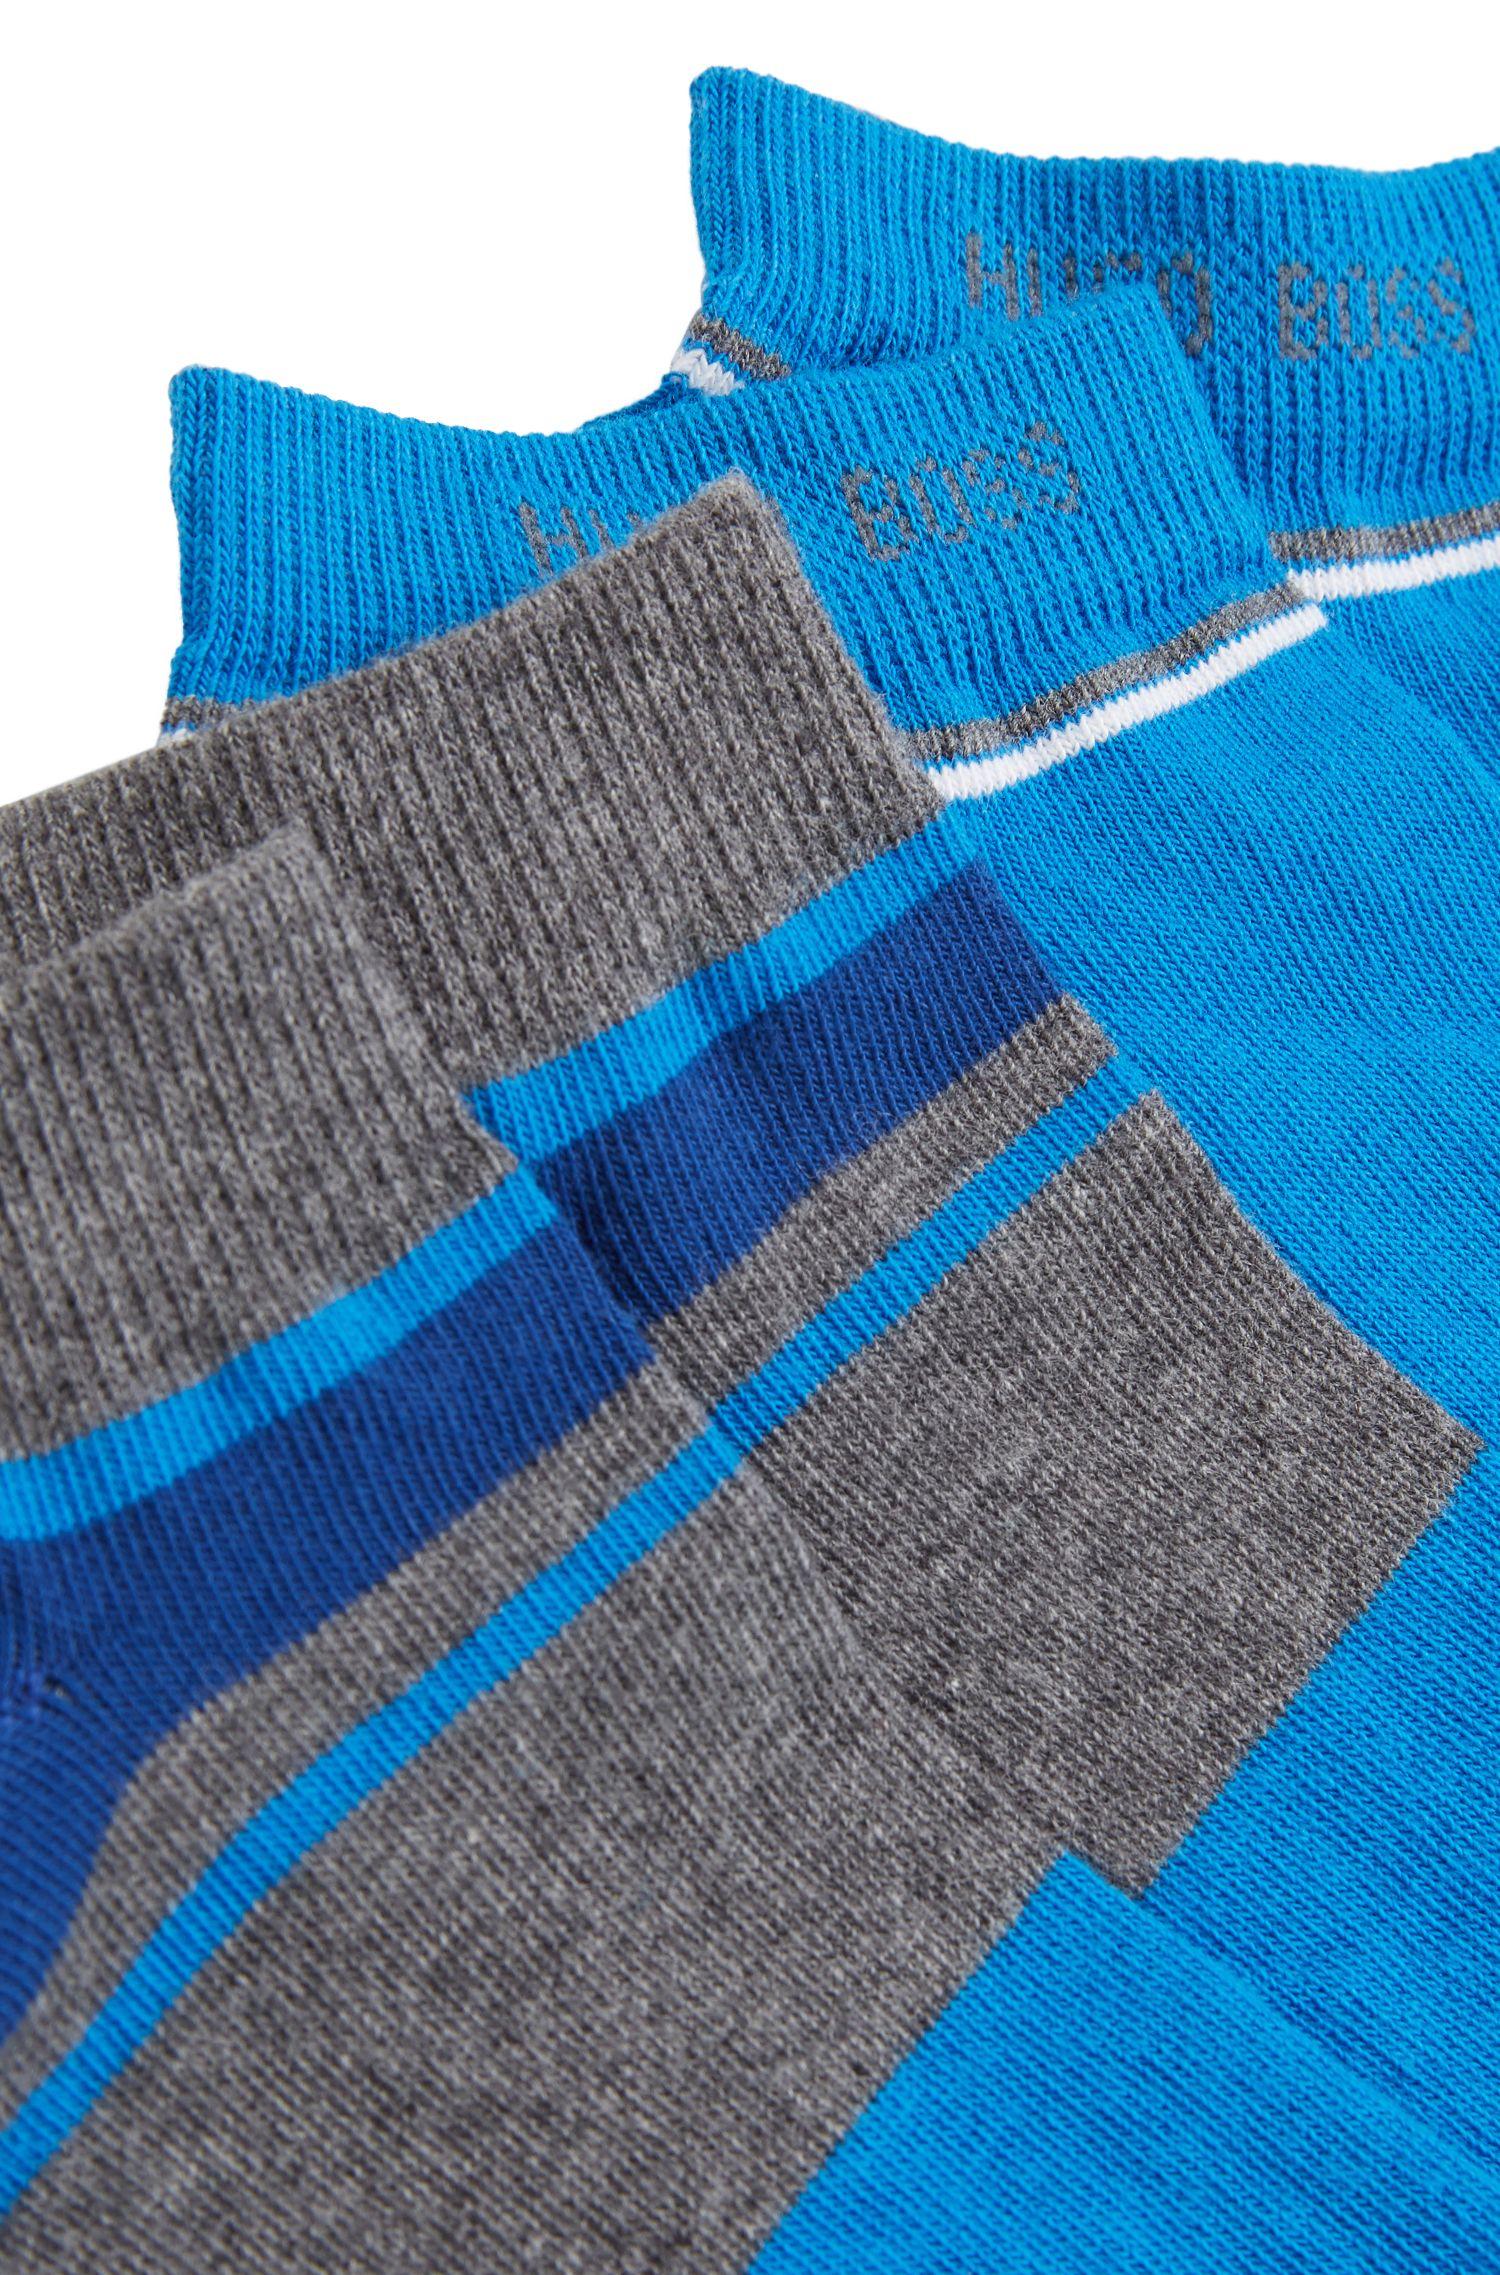 Zweier-Pack Sneaker-Socken aus Baumwoll-Mix mit Streifen-Dessin, Grau